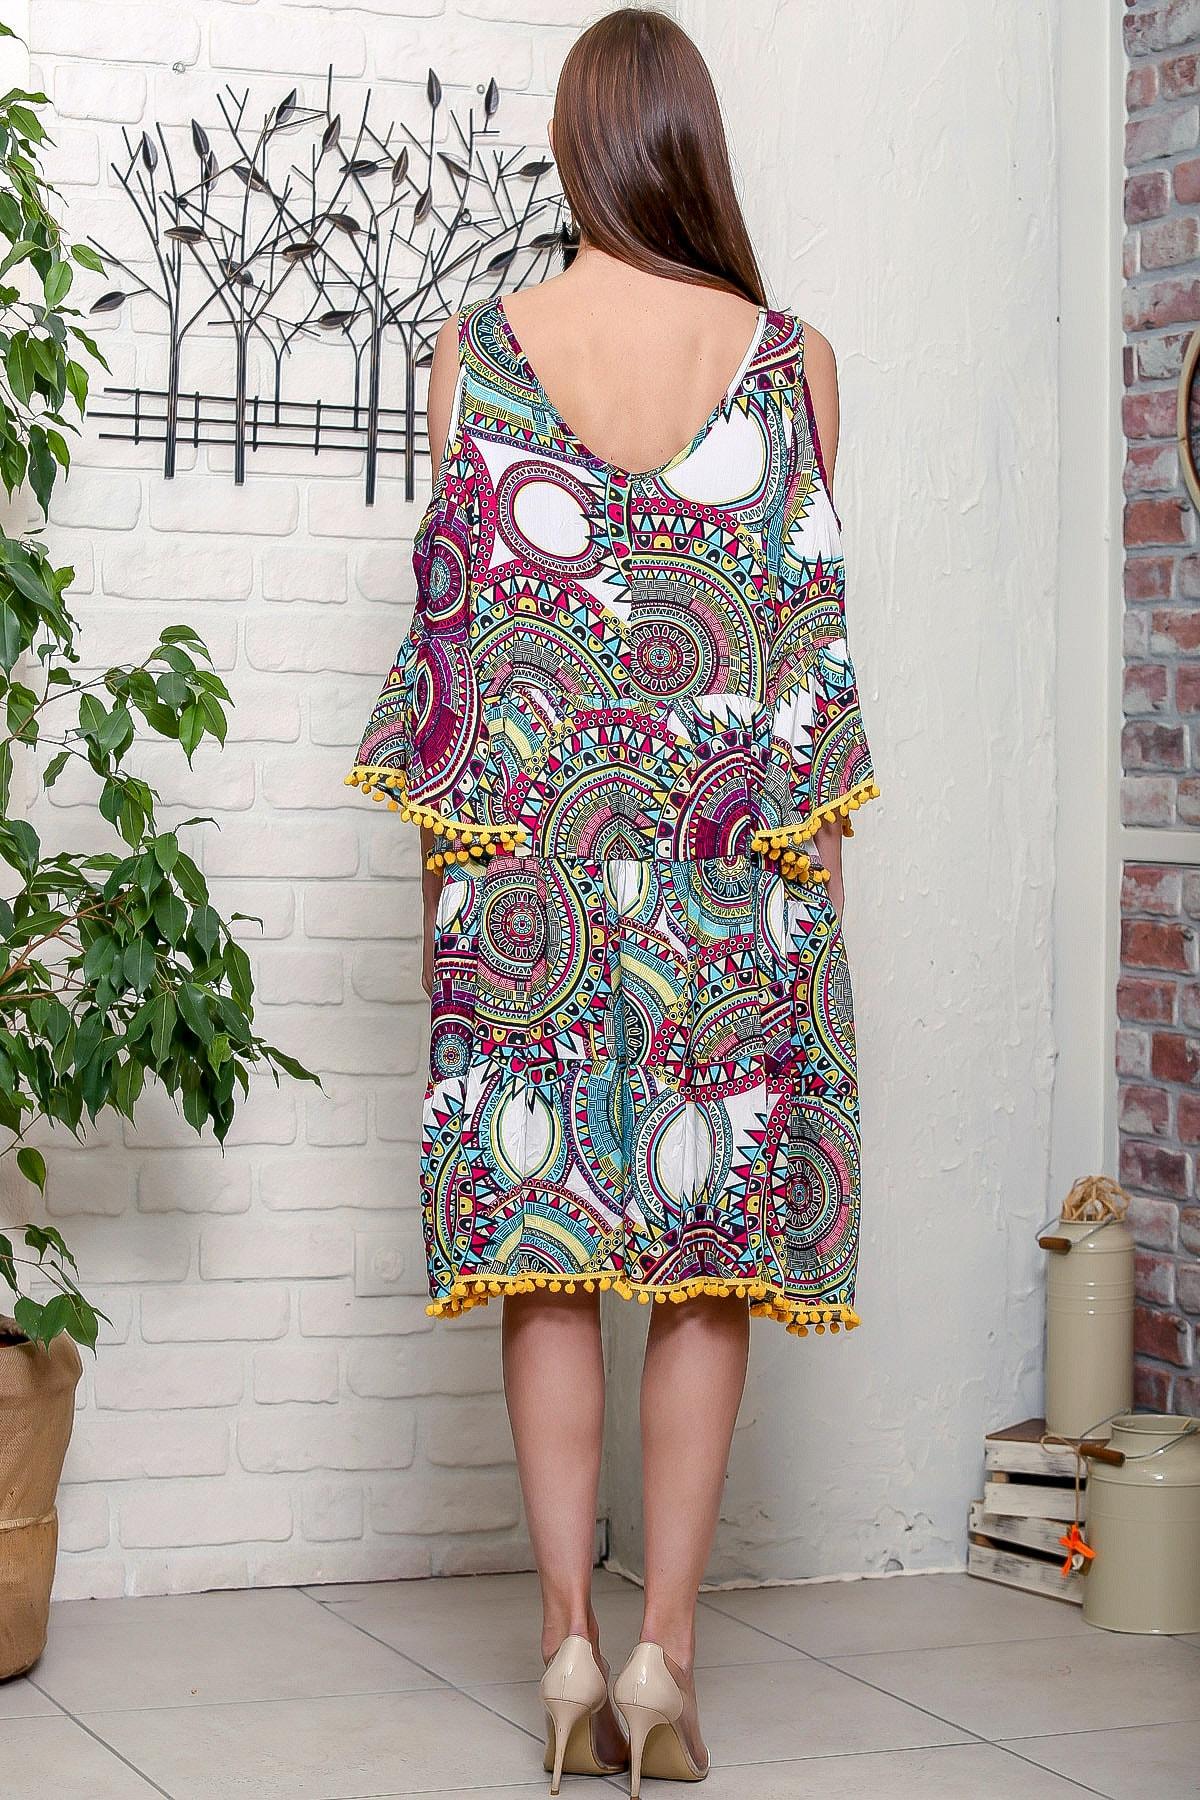 Chiccy Kadın Yeşil Omuzları Pencereli Geometrik Desen Kolları Volanlı Ponponlu Salaş Elbise 4